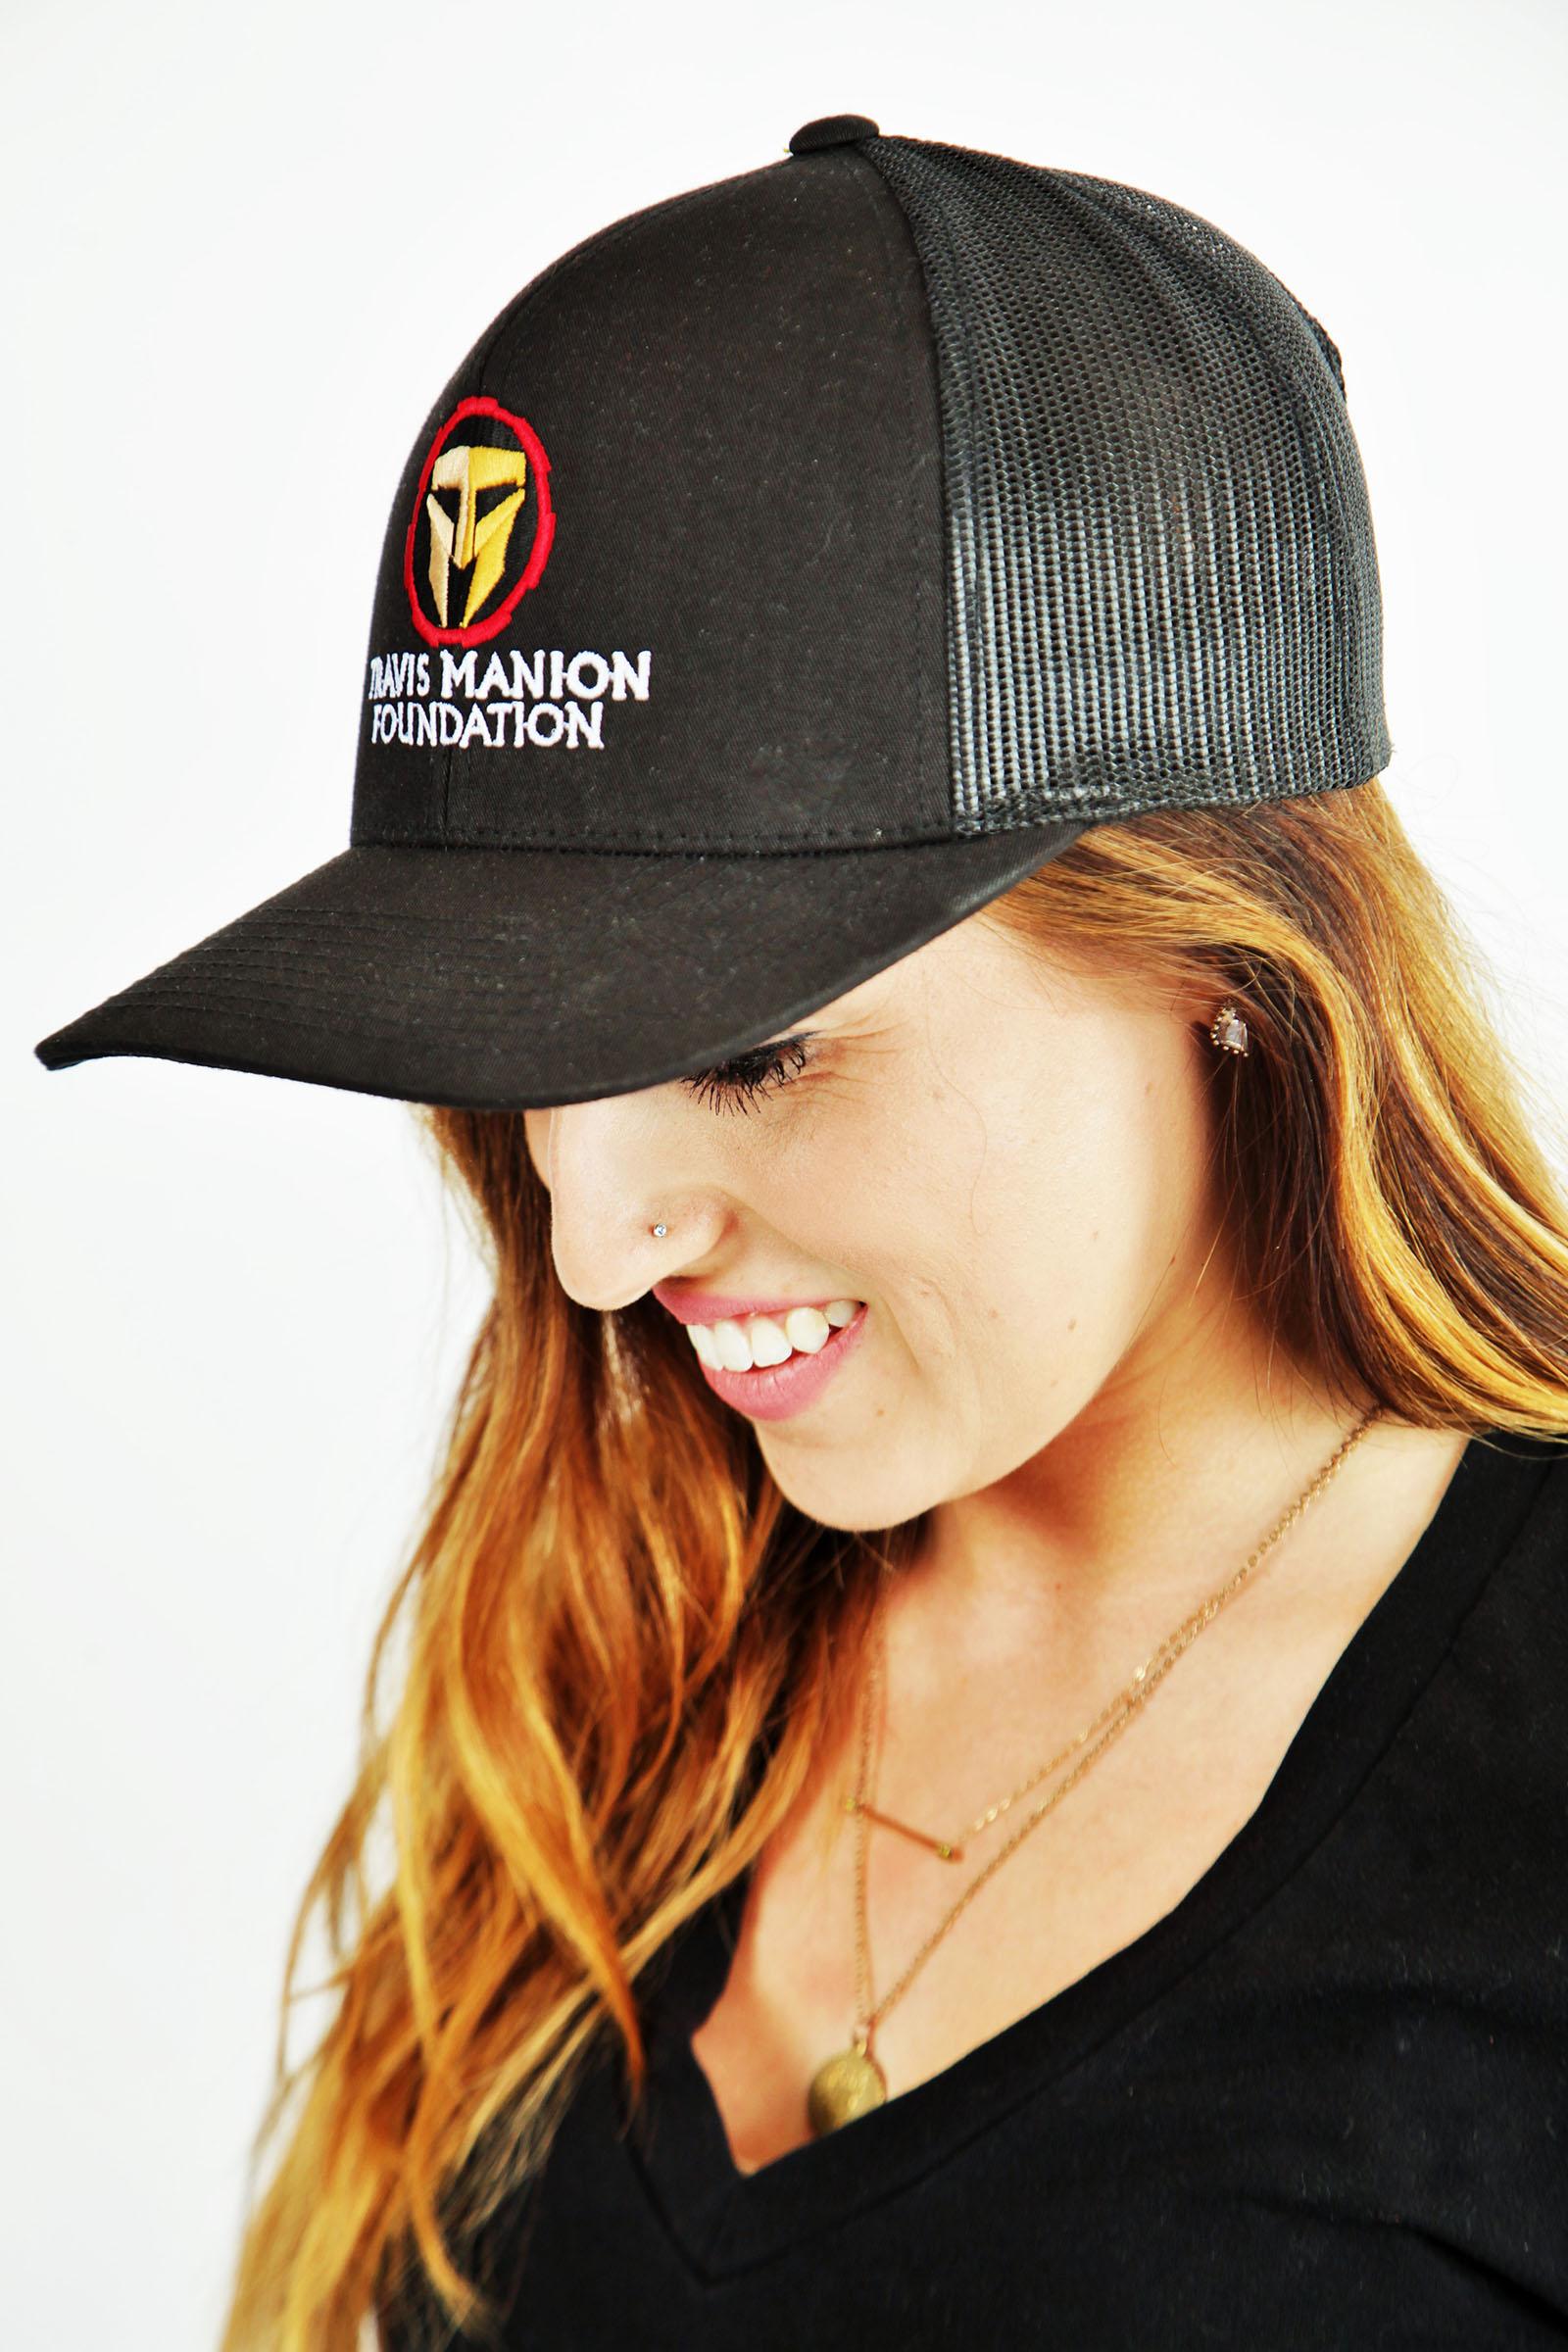 Travis Manion Foundation Unisex Trucker Mesh Hat